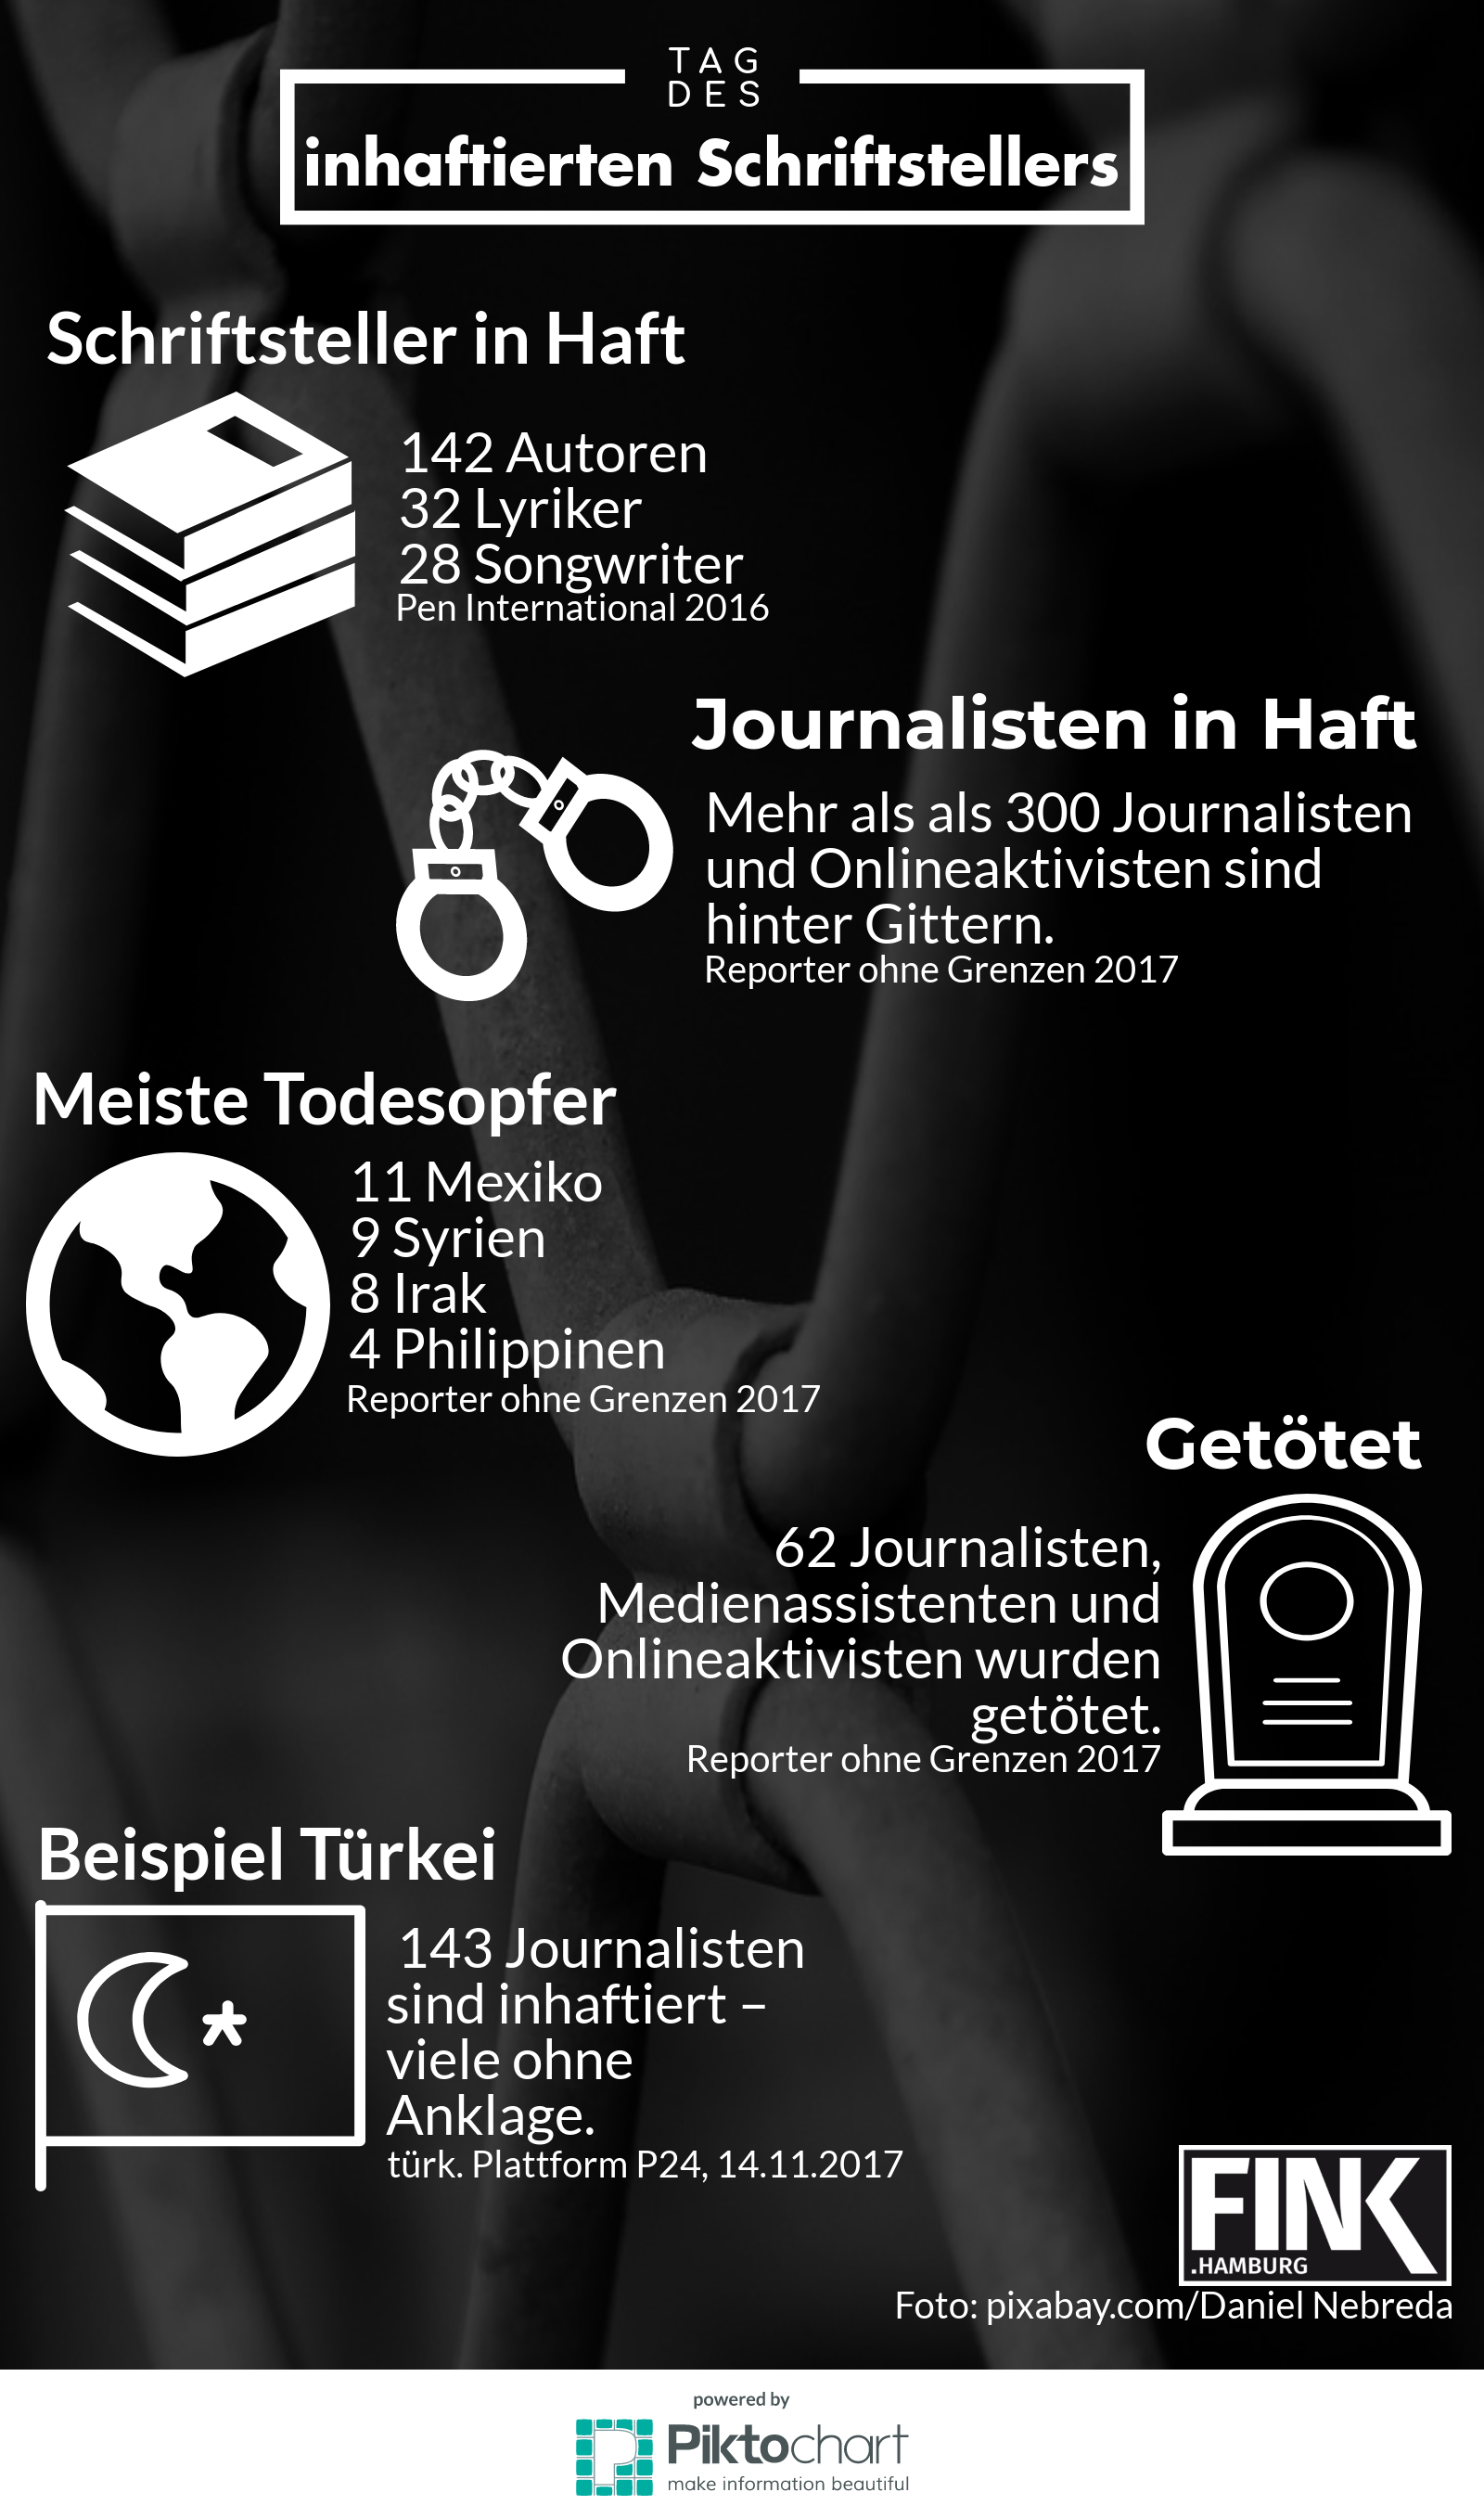 #FINKaboutit: In vielen Ländern sind Schriftsteller und Journalisten in Gefahr.